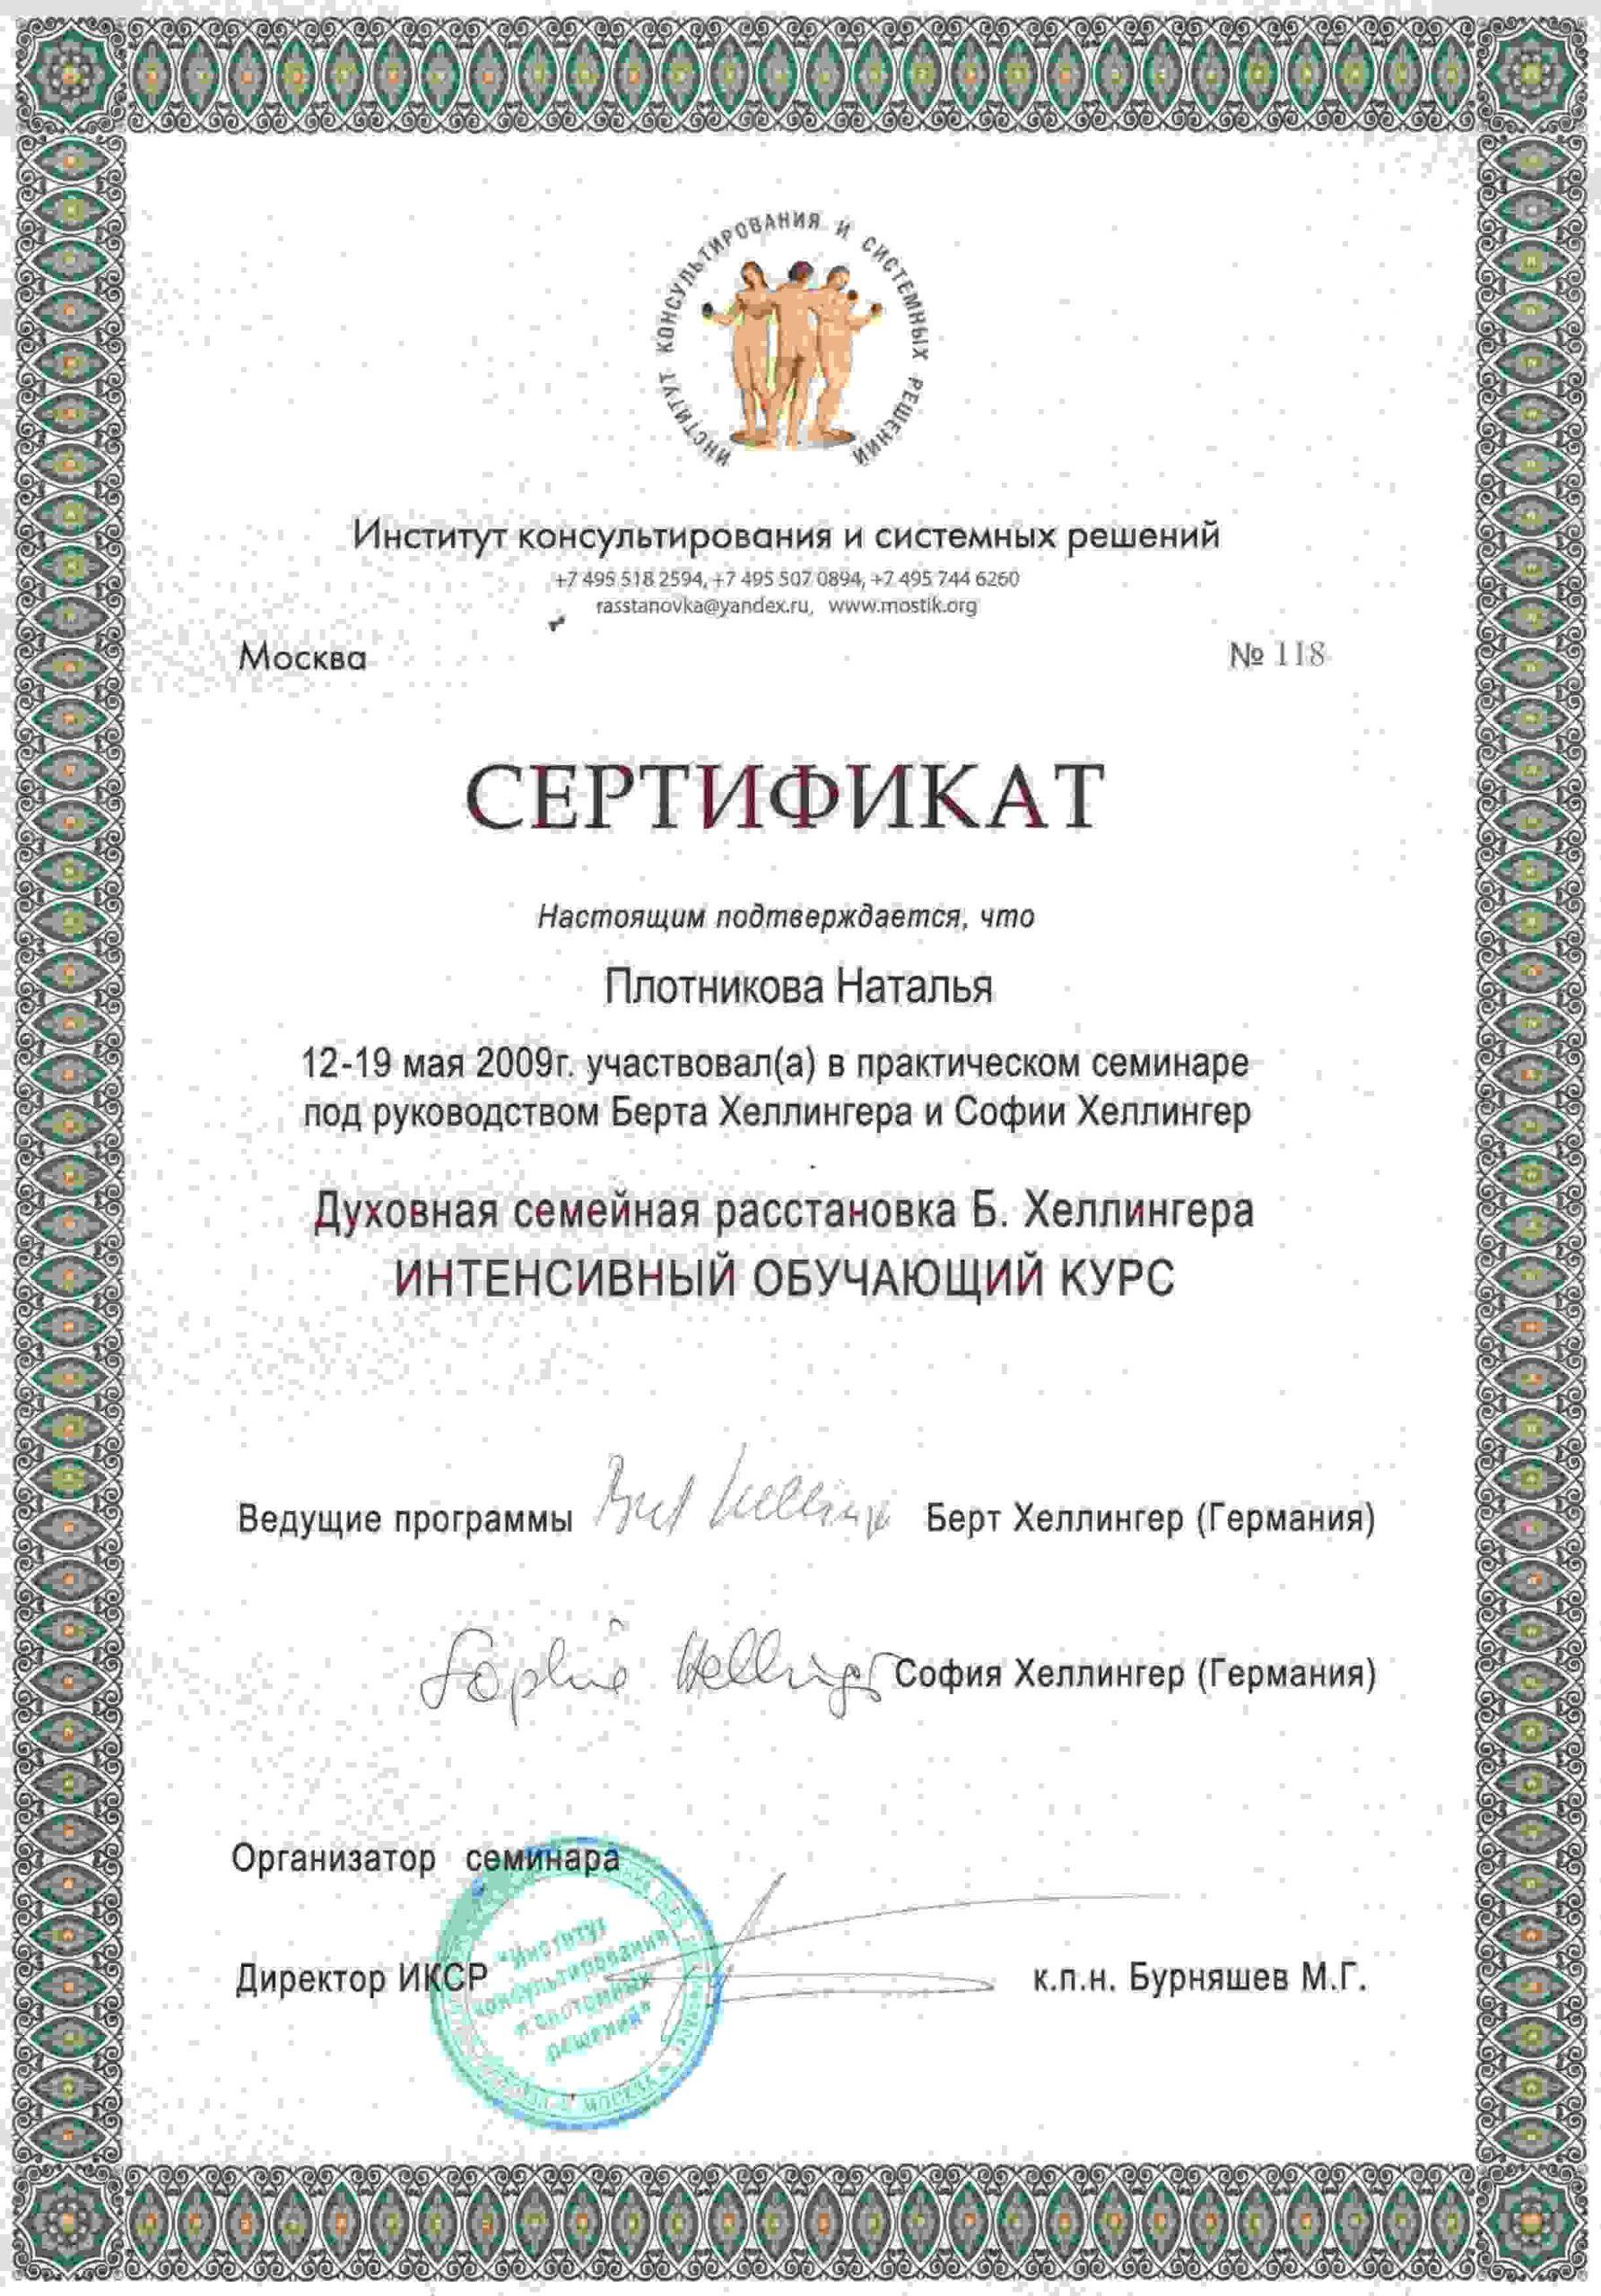 Diplom-008